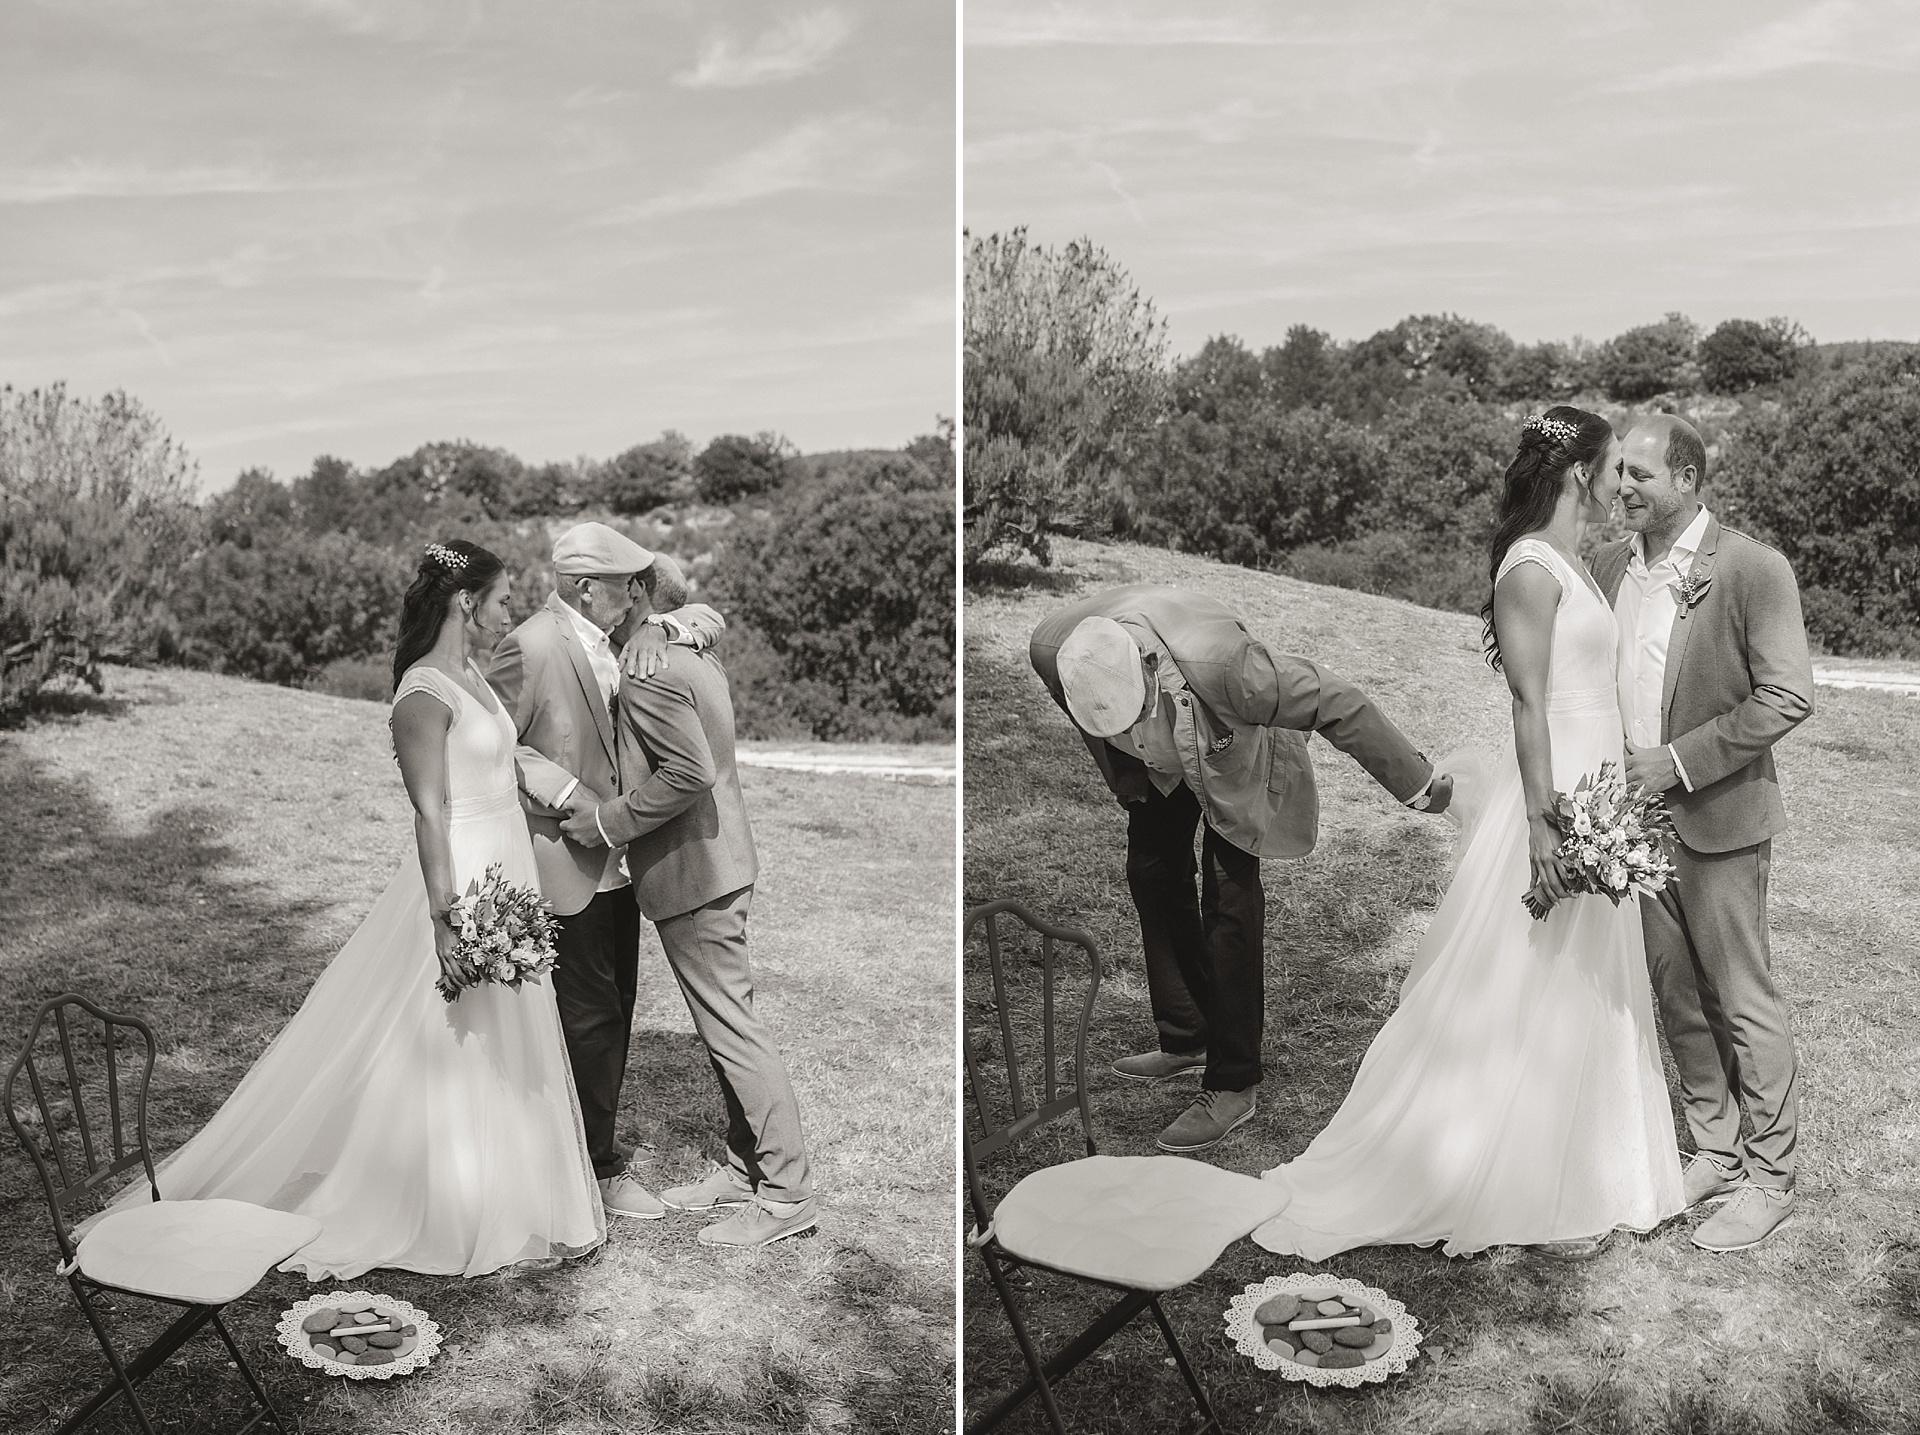 Traumhafte Hochzeit in der Provence. Brautvater übergibt seine Tochter dem Bräutigam.